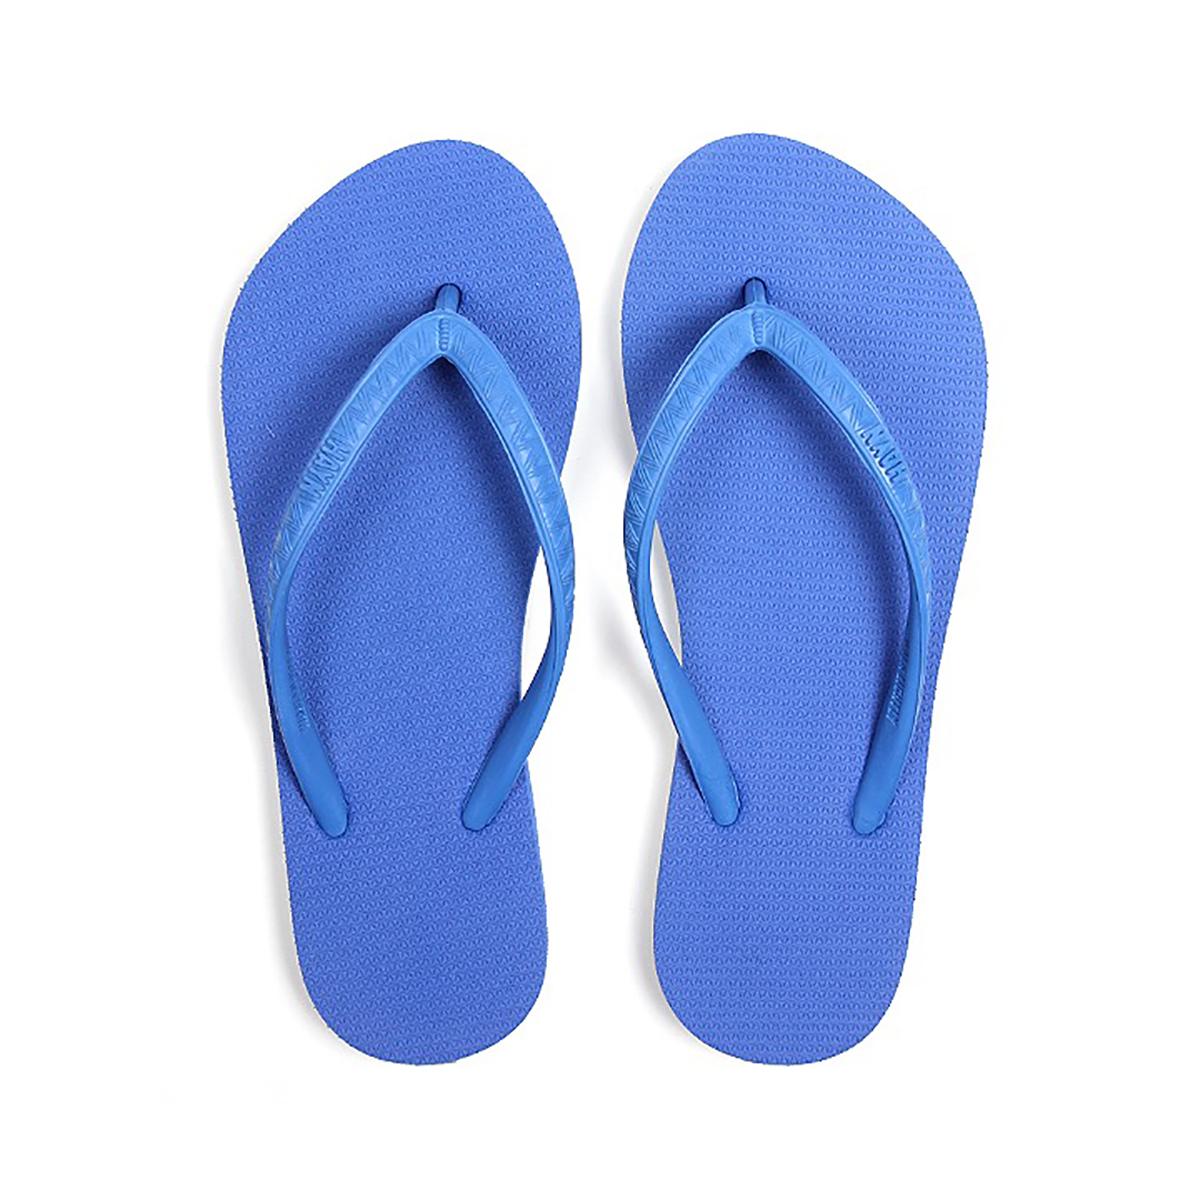 ハワイ生まれのLOHASなビーチサンダル|CORE (WOMEN) Denim | 足も心も気持ちいい、ハワイ生まれのビーチサンダル